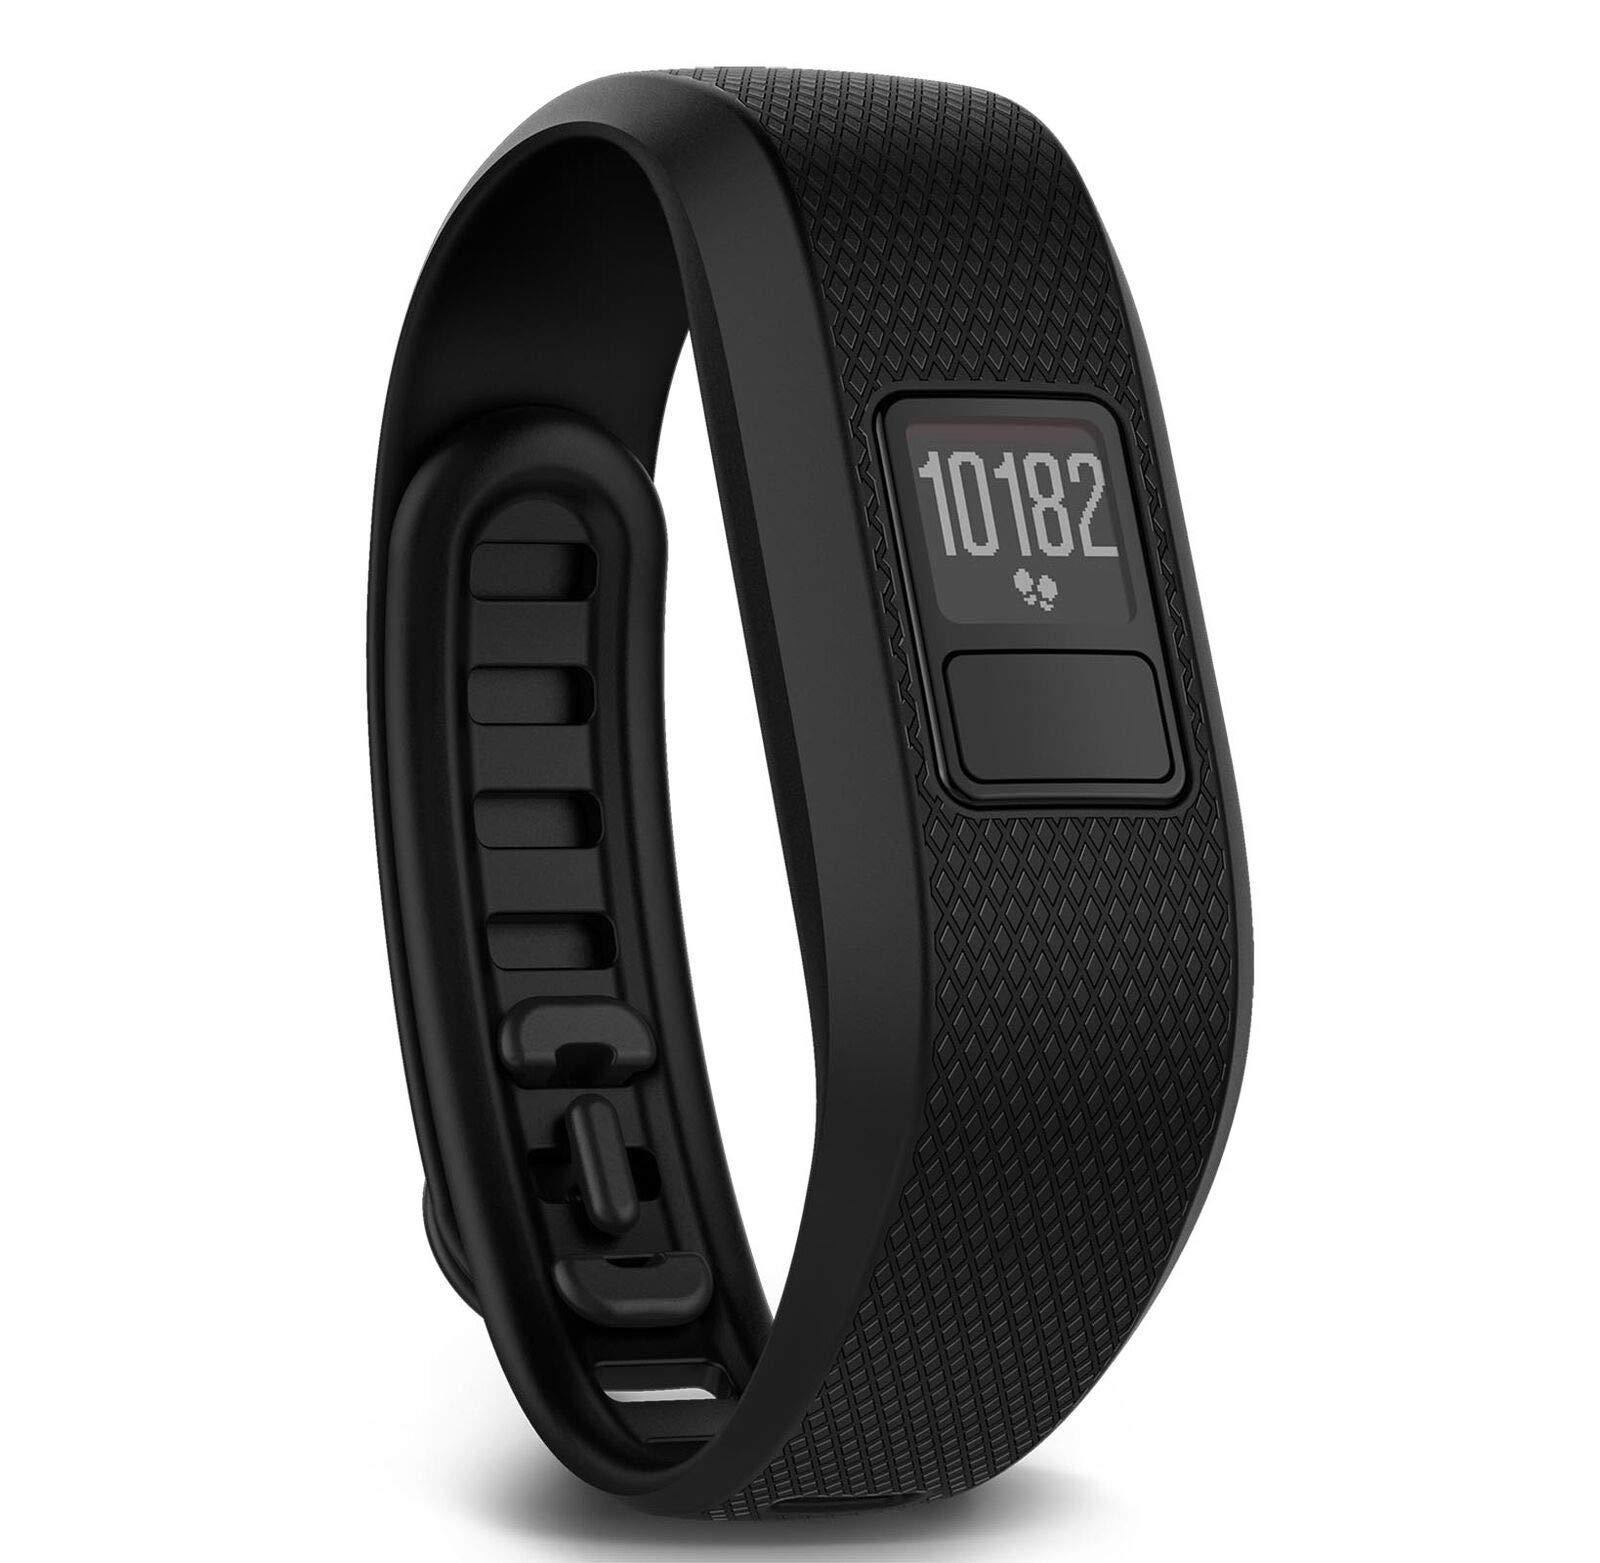 MRT SUPPLY Vivofit 3 Running Activity Monitor Band Fitness Tracker, Regular Black with Ebook